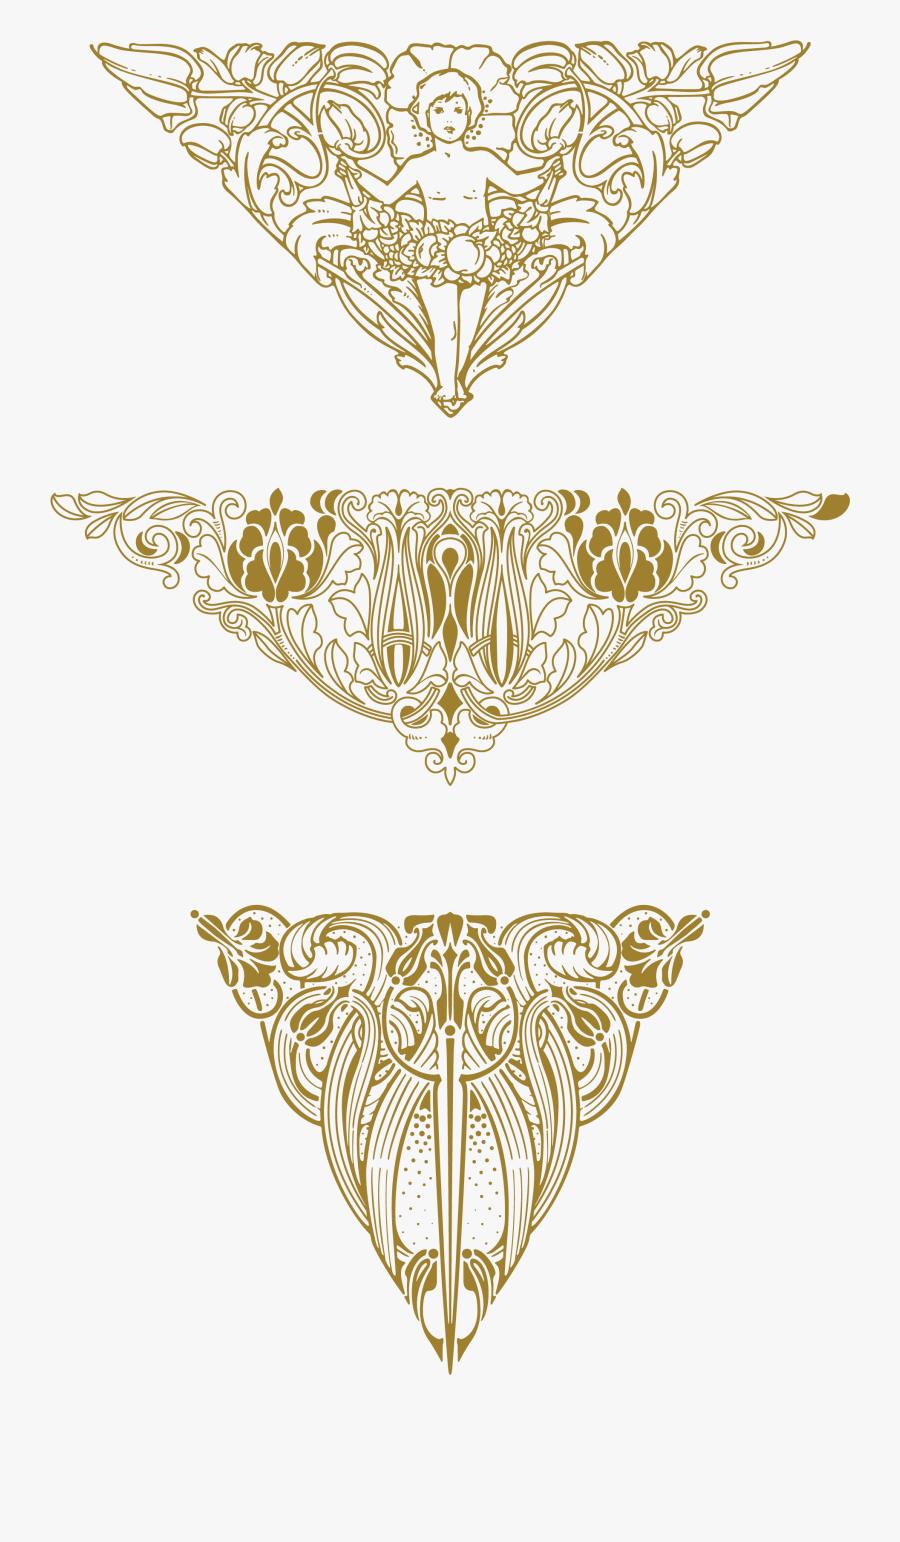 Clip Art Nouveau Transprent Png Free, Transparent Clipart